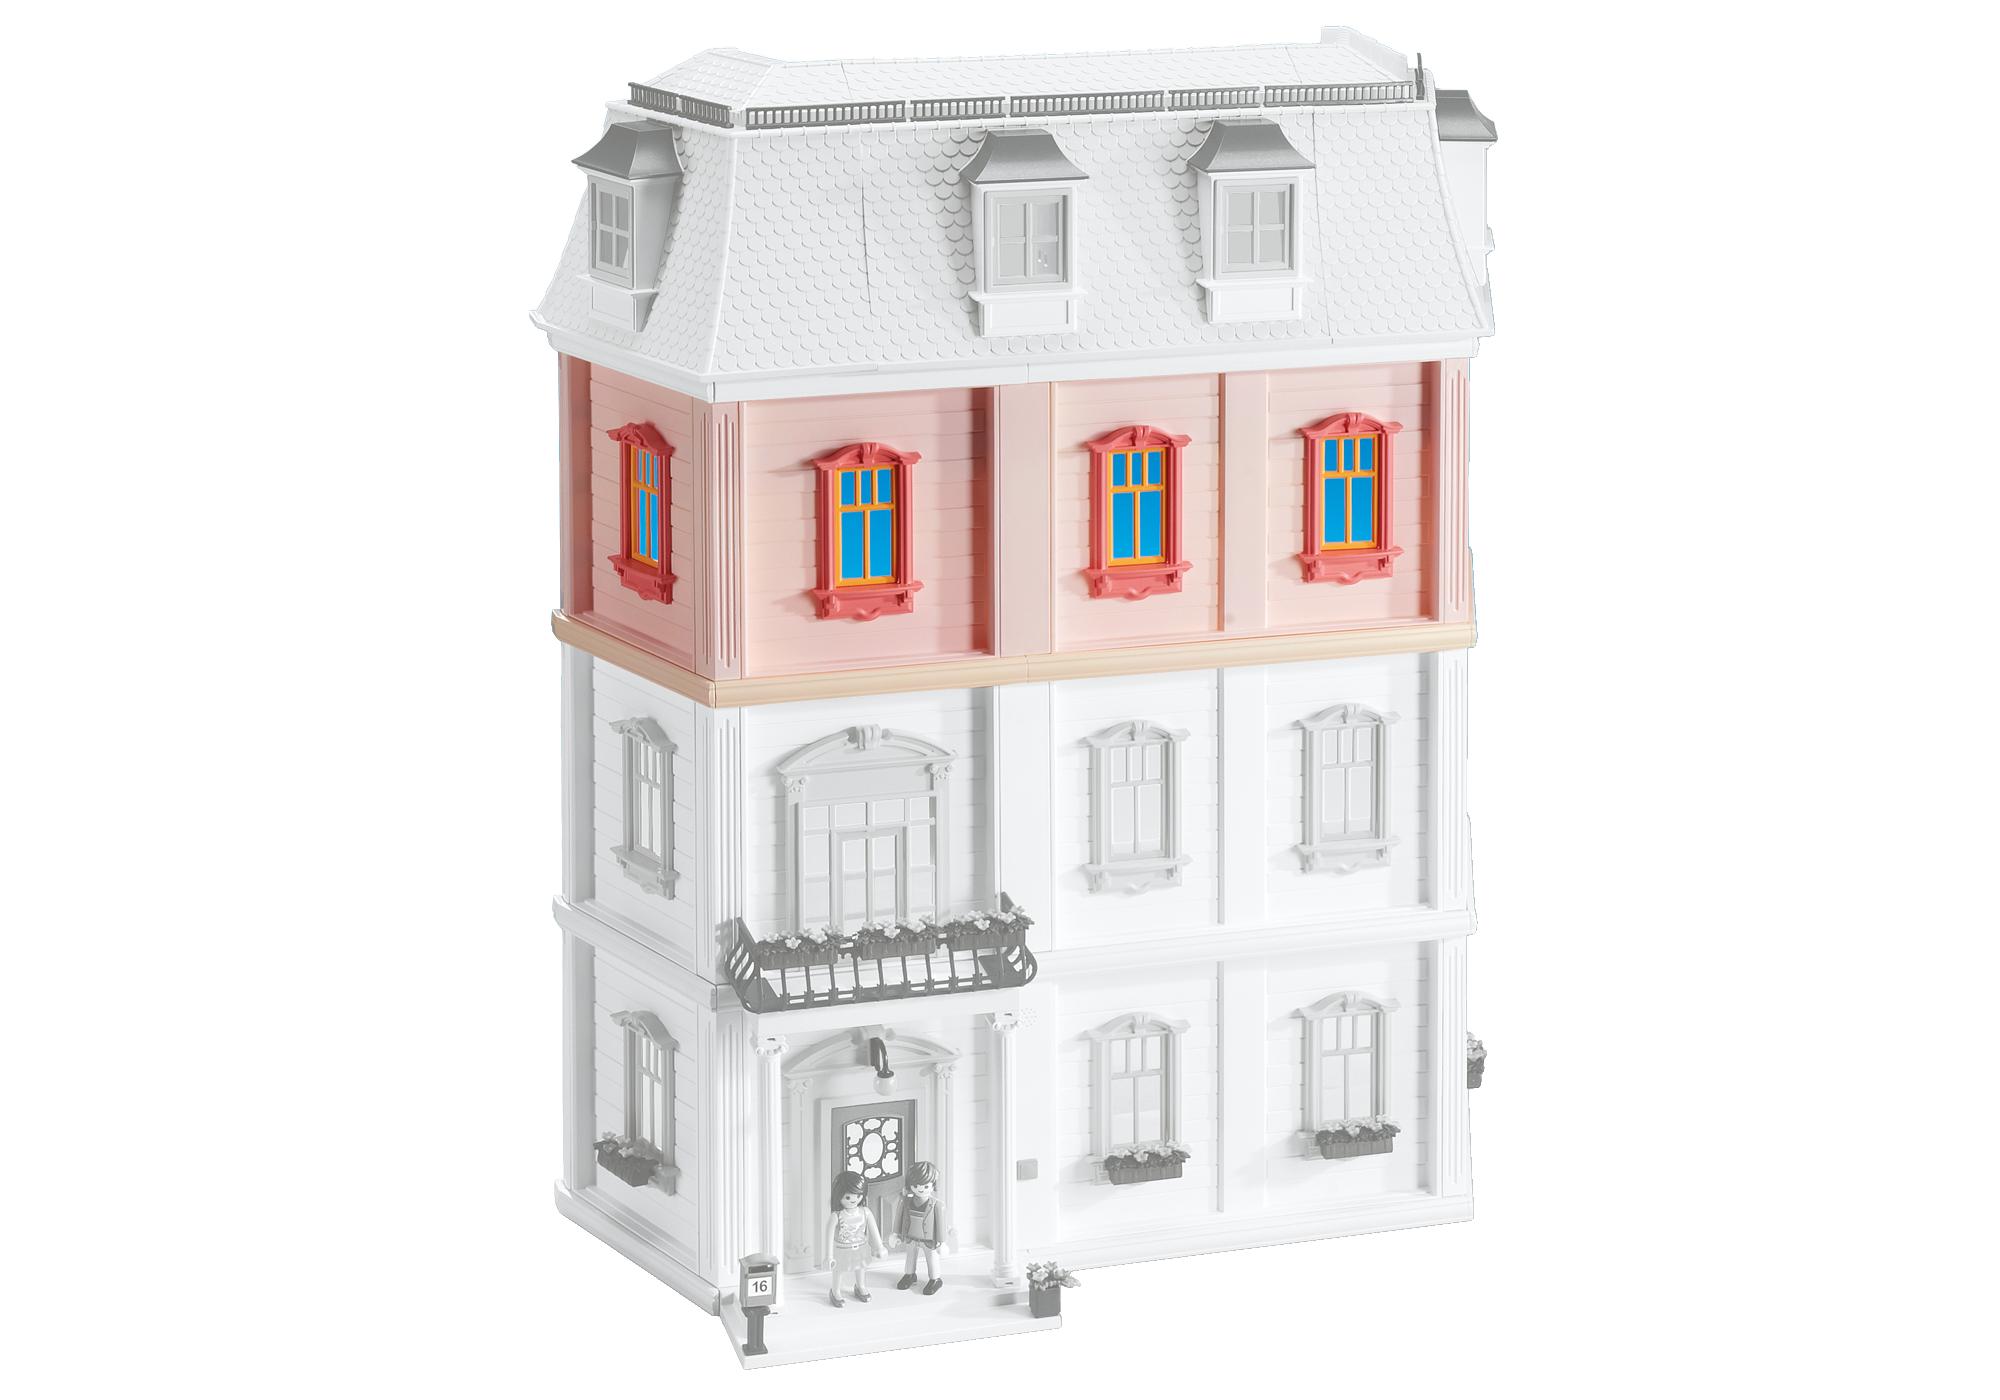 http://media.playmobil.com/i/playmobil/6453_product_detail/Extensão B para Casa de Bonecas Romântica (ref. 5303)